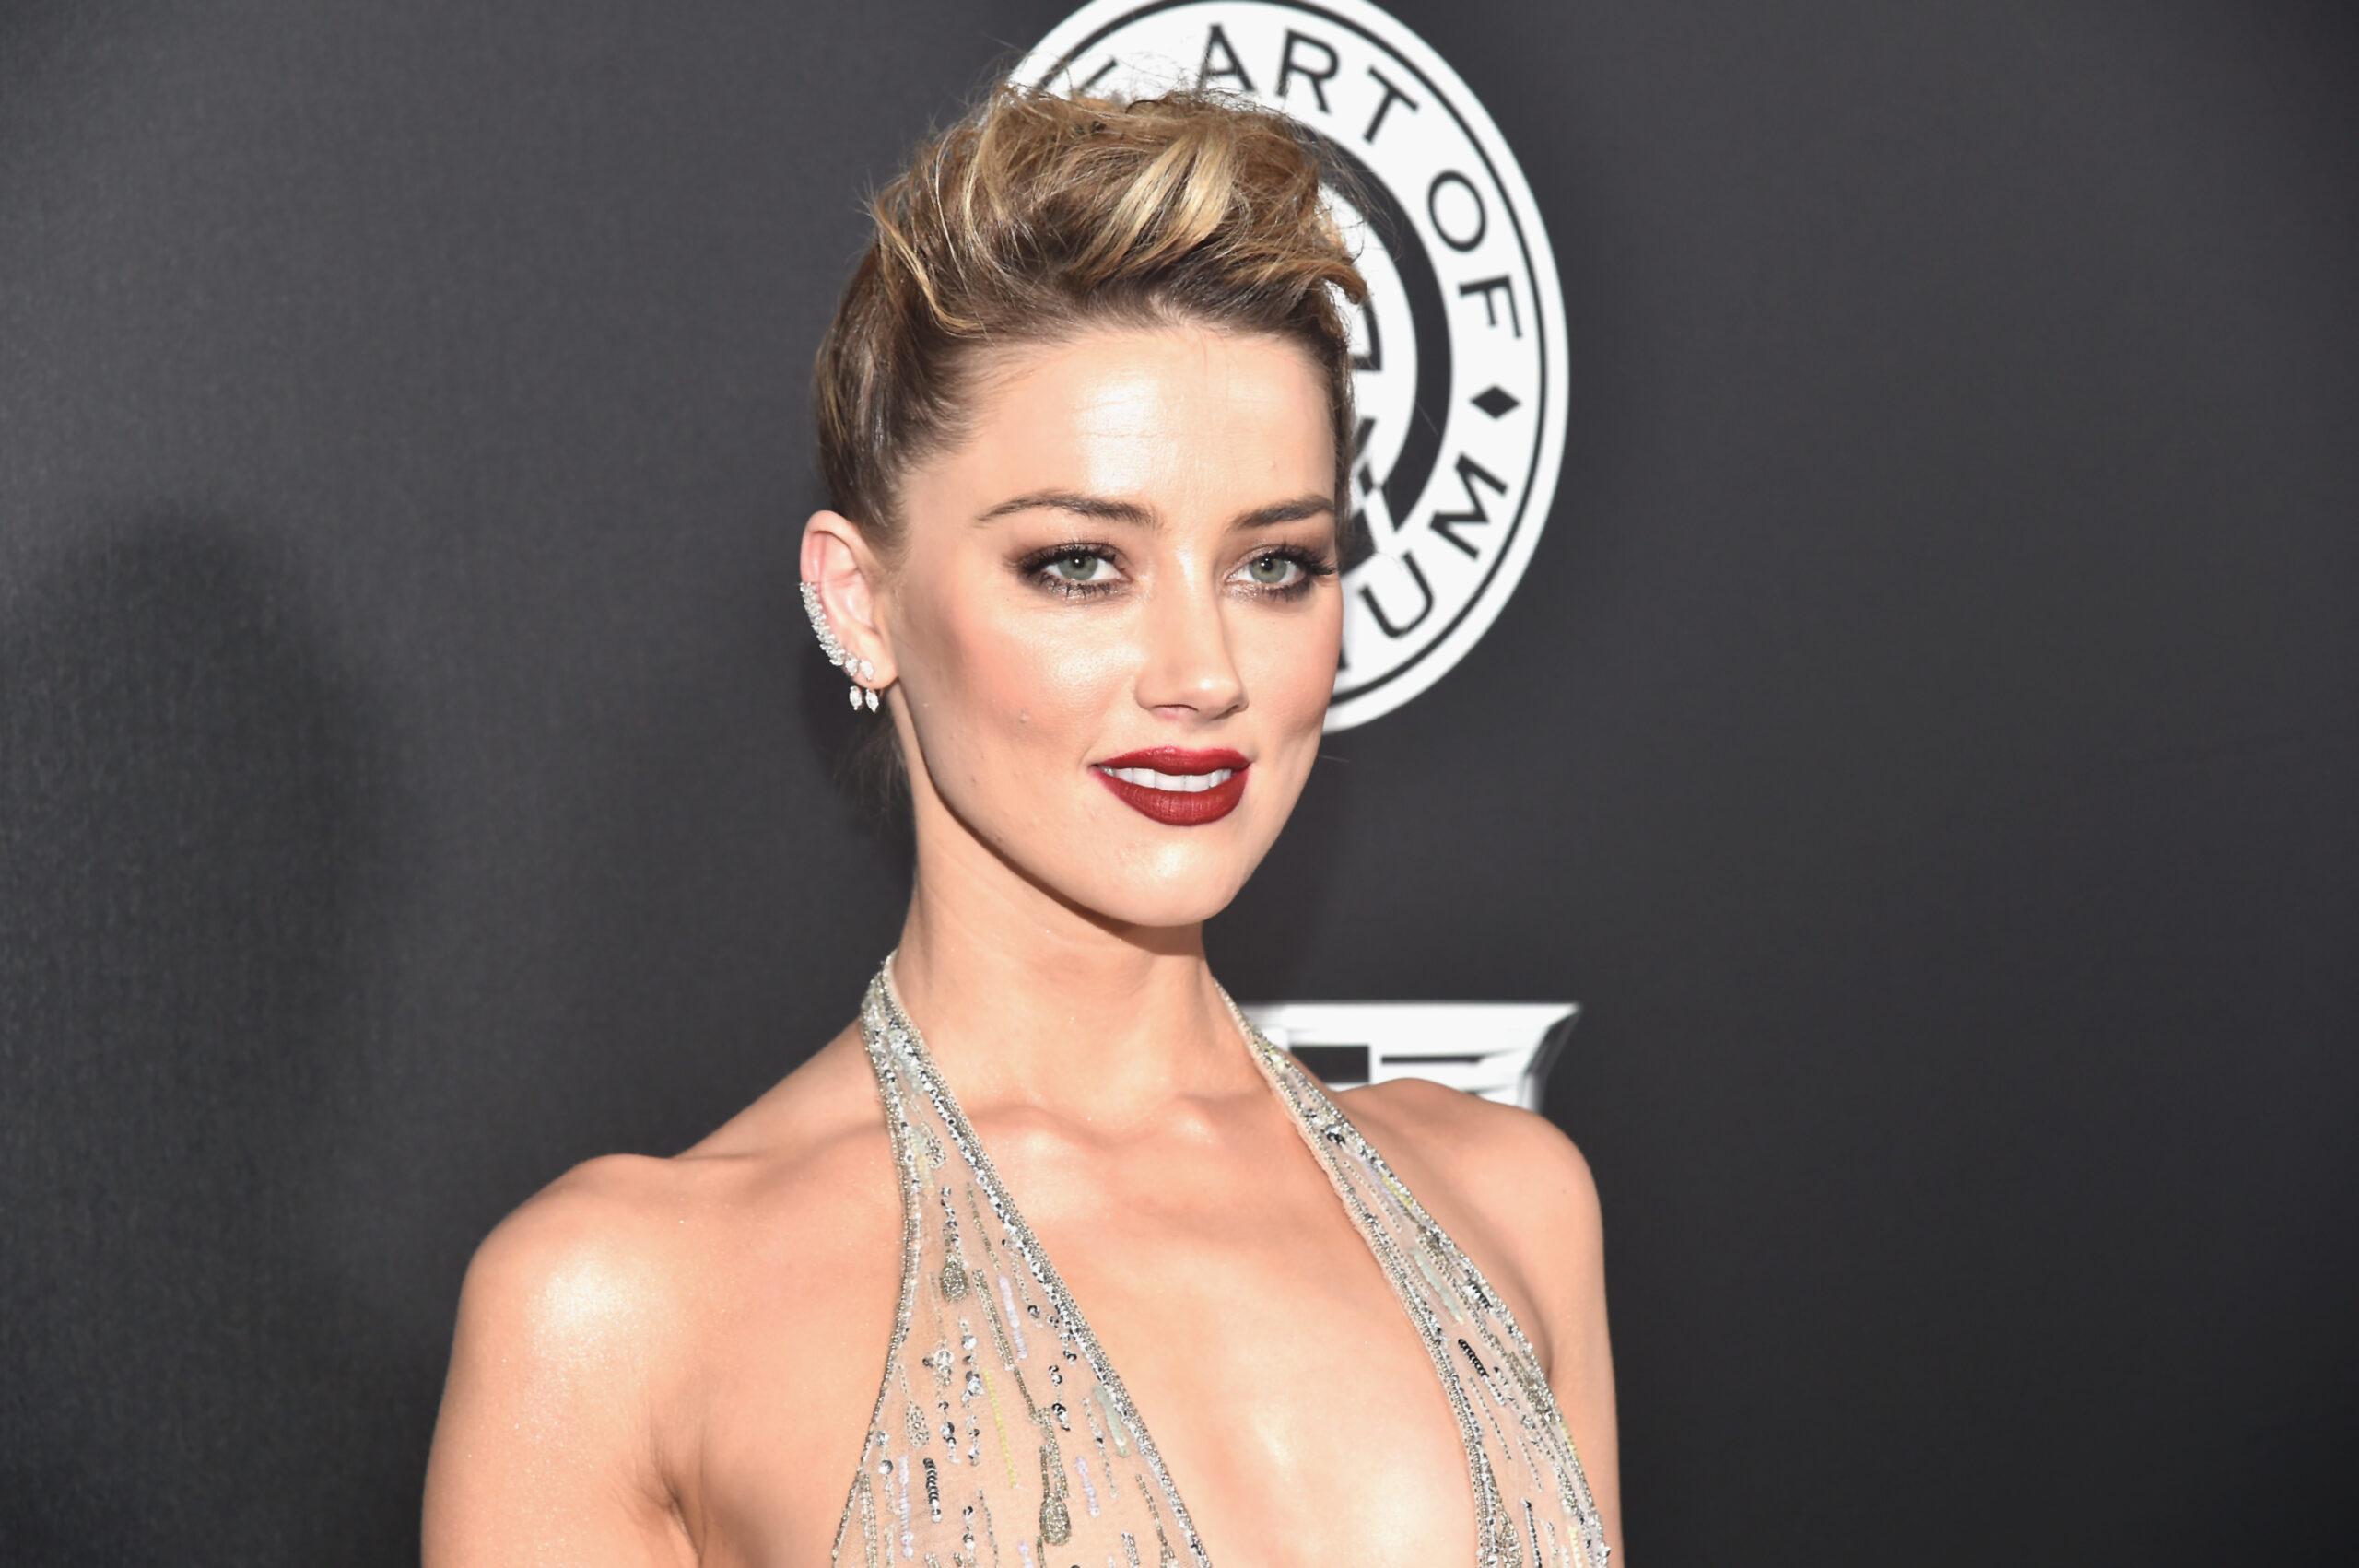 Amber Heard a apărut la Art of Elysium, în 2018, cu un look dramatic. Părul strâns, machiaj închis la culoare, decolteu adânc, rochie argintie